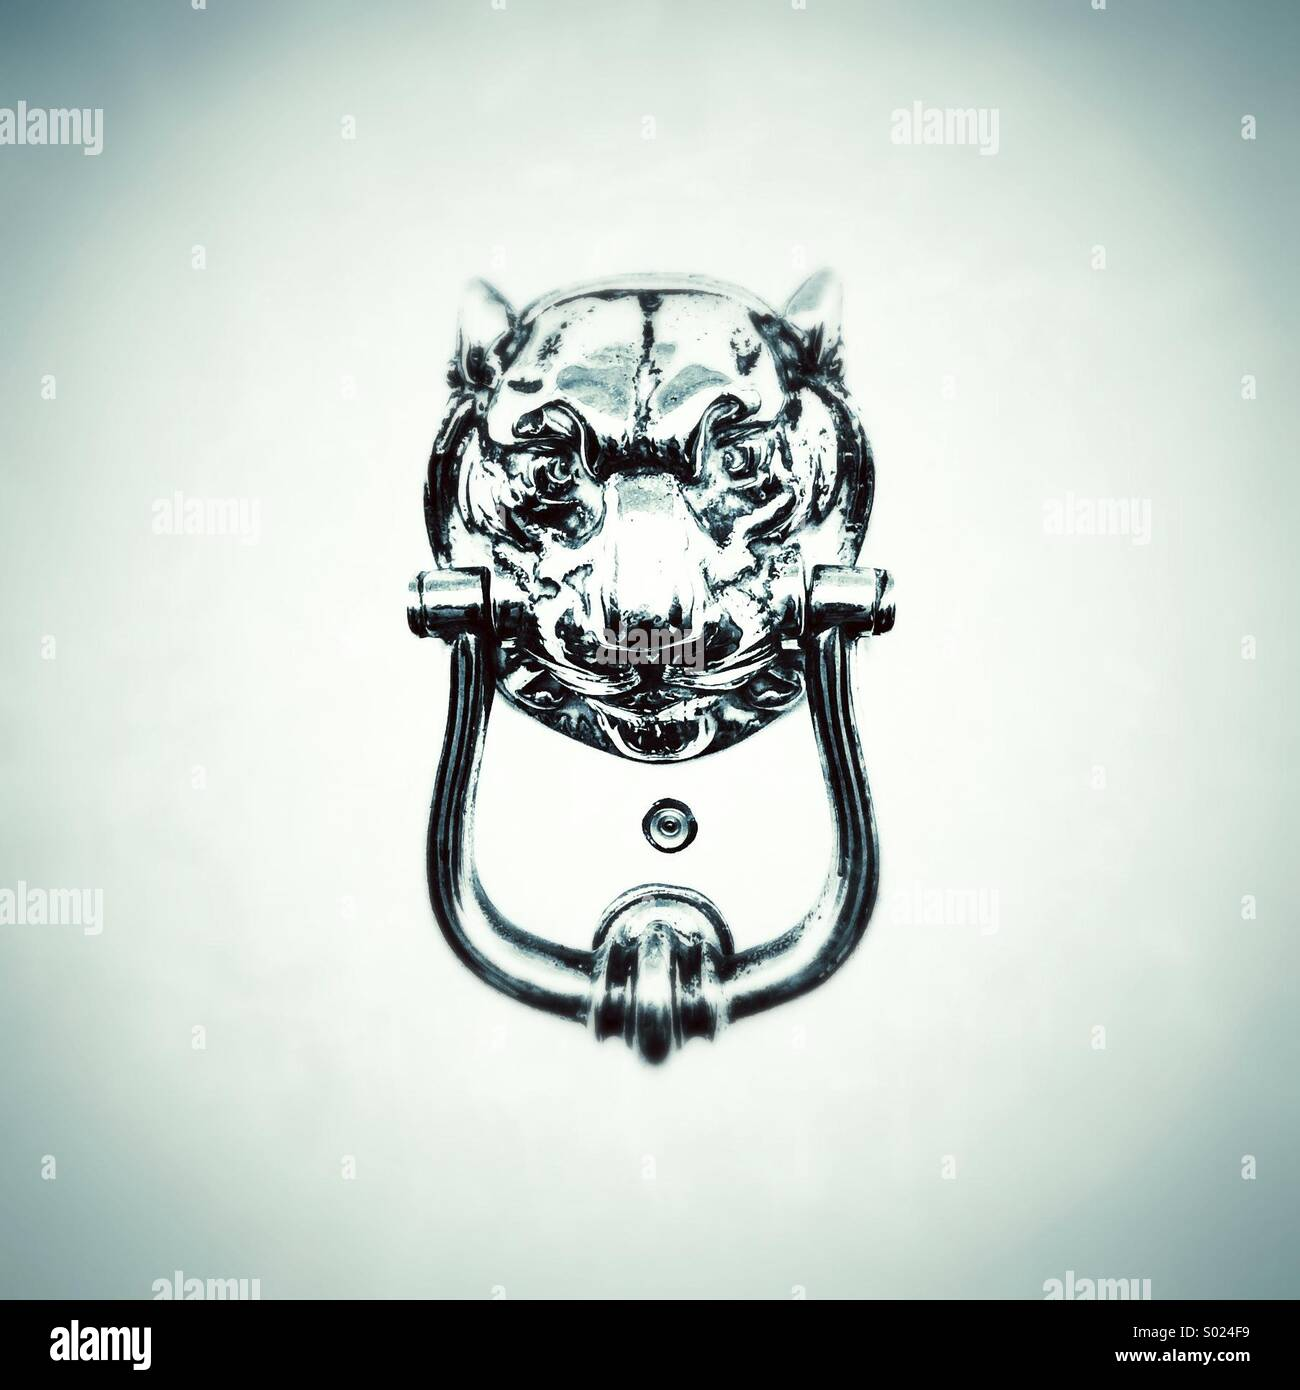 Lions Head knocker sulla porta bianca Immagini Stock